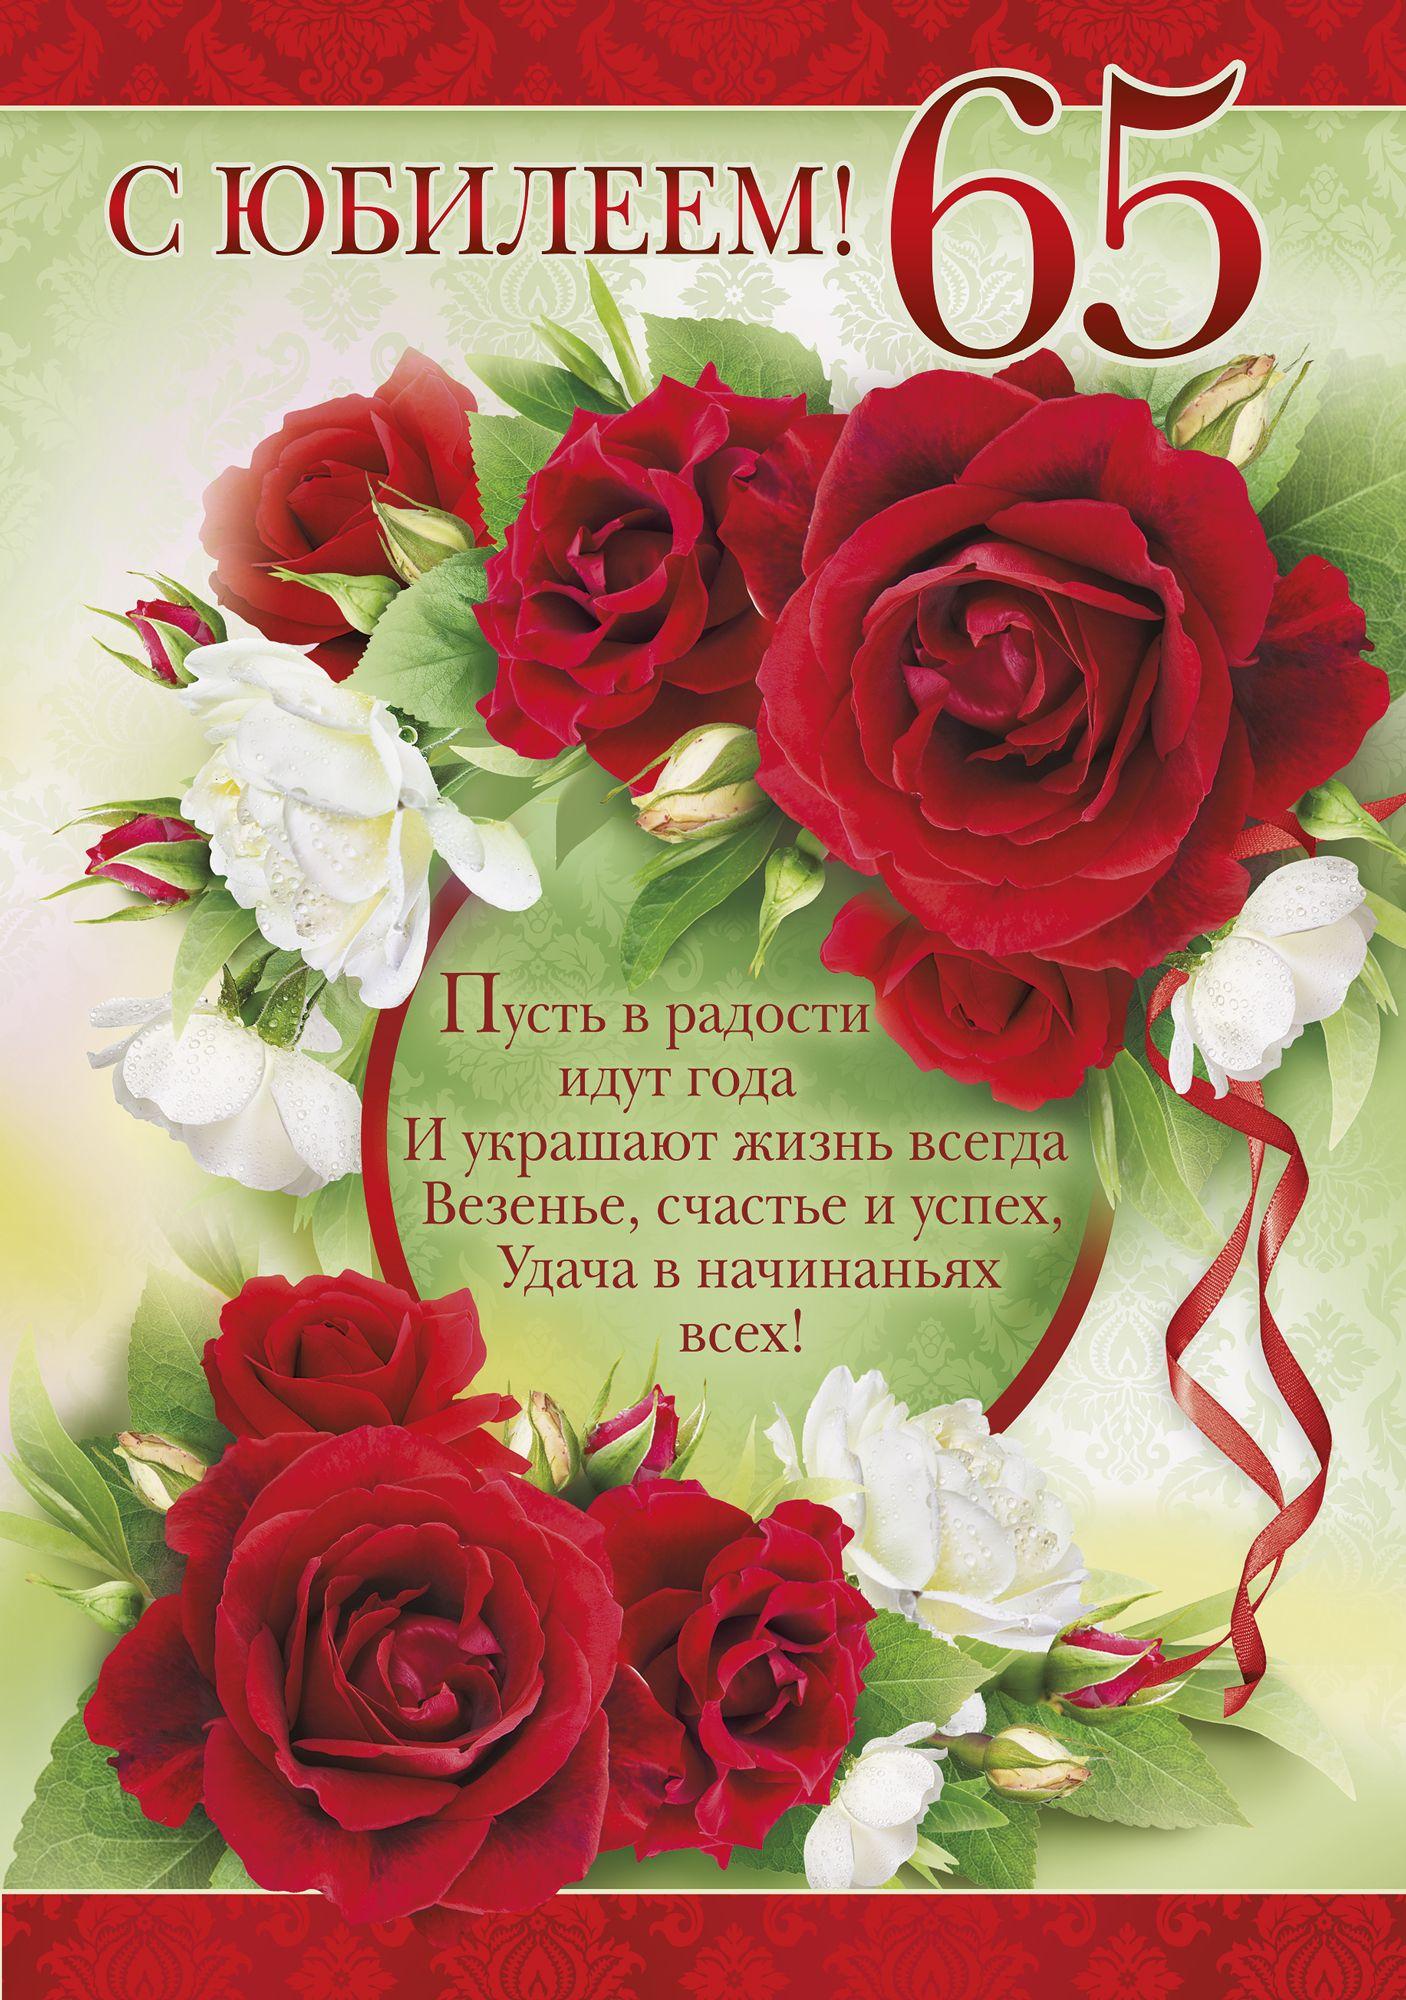 Открытки со стихами к юбилею, надписями